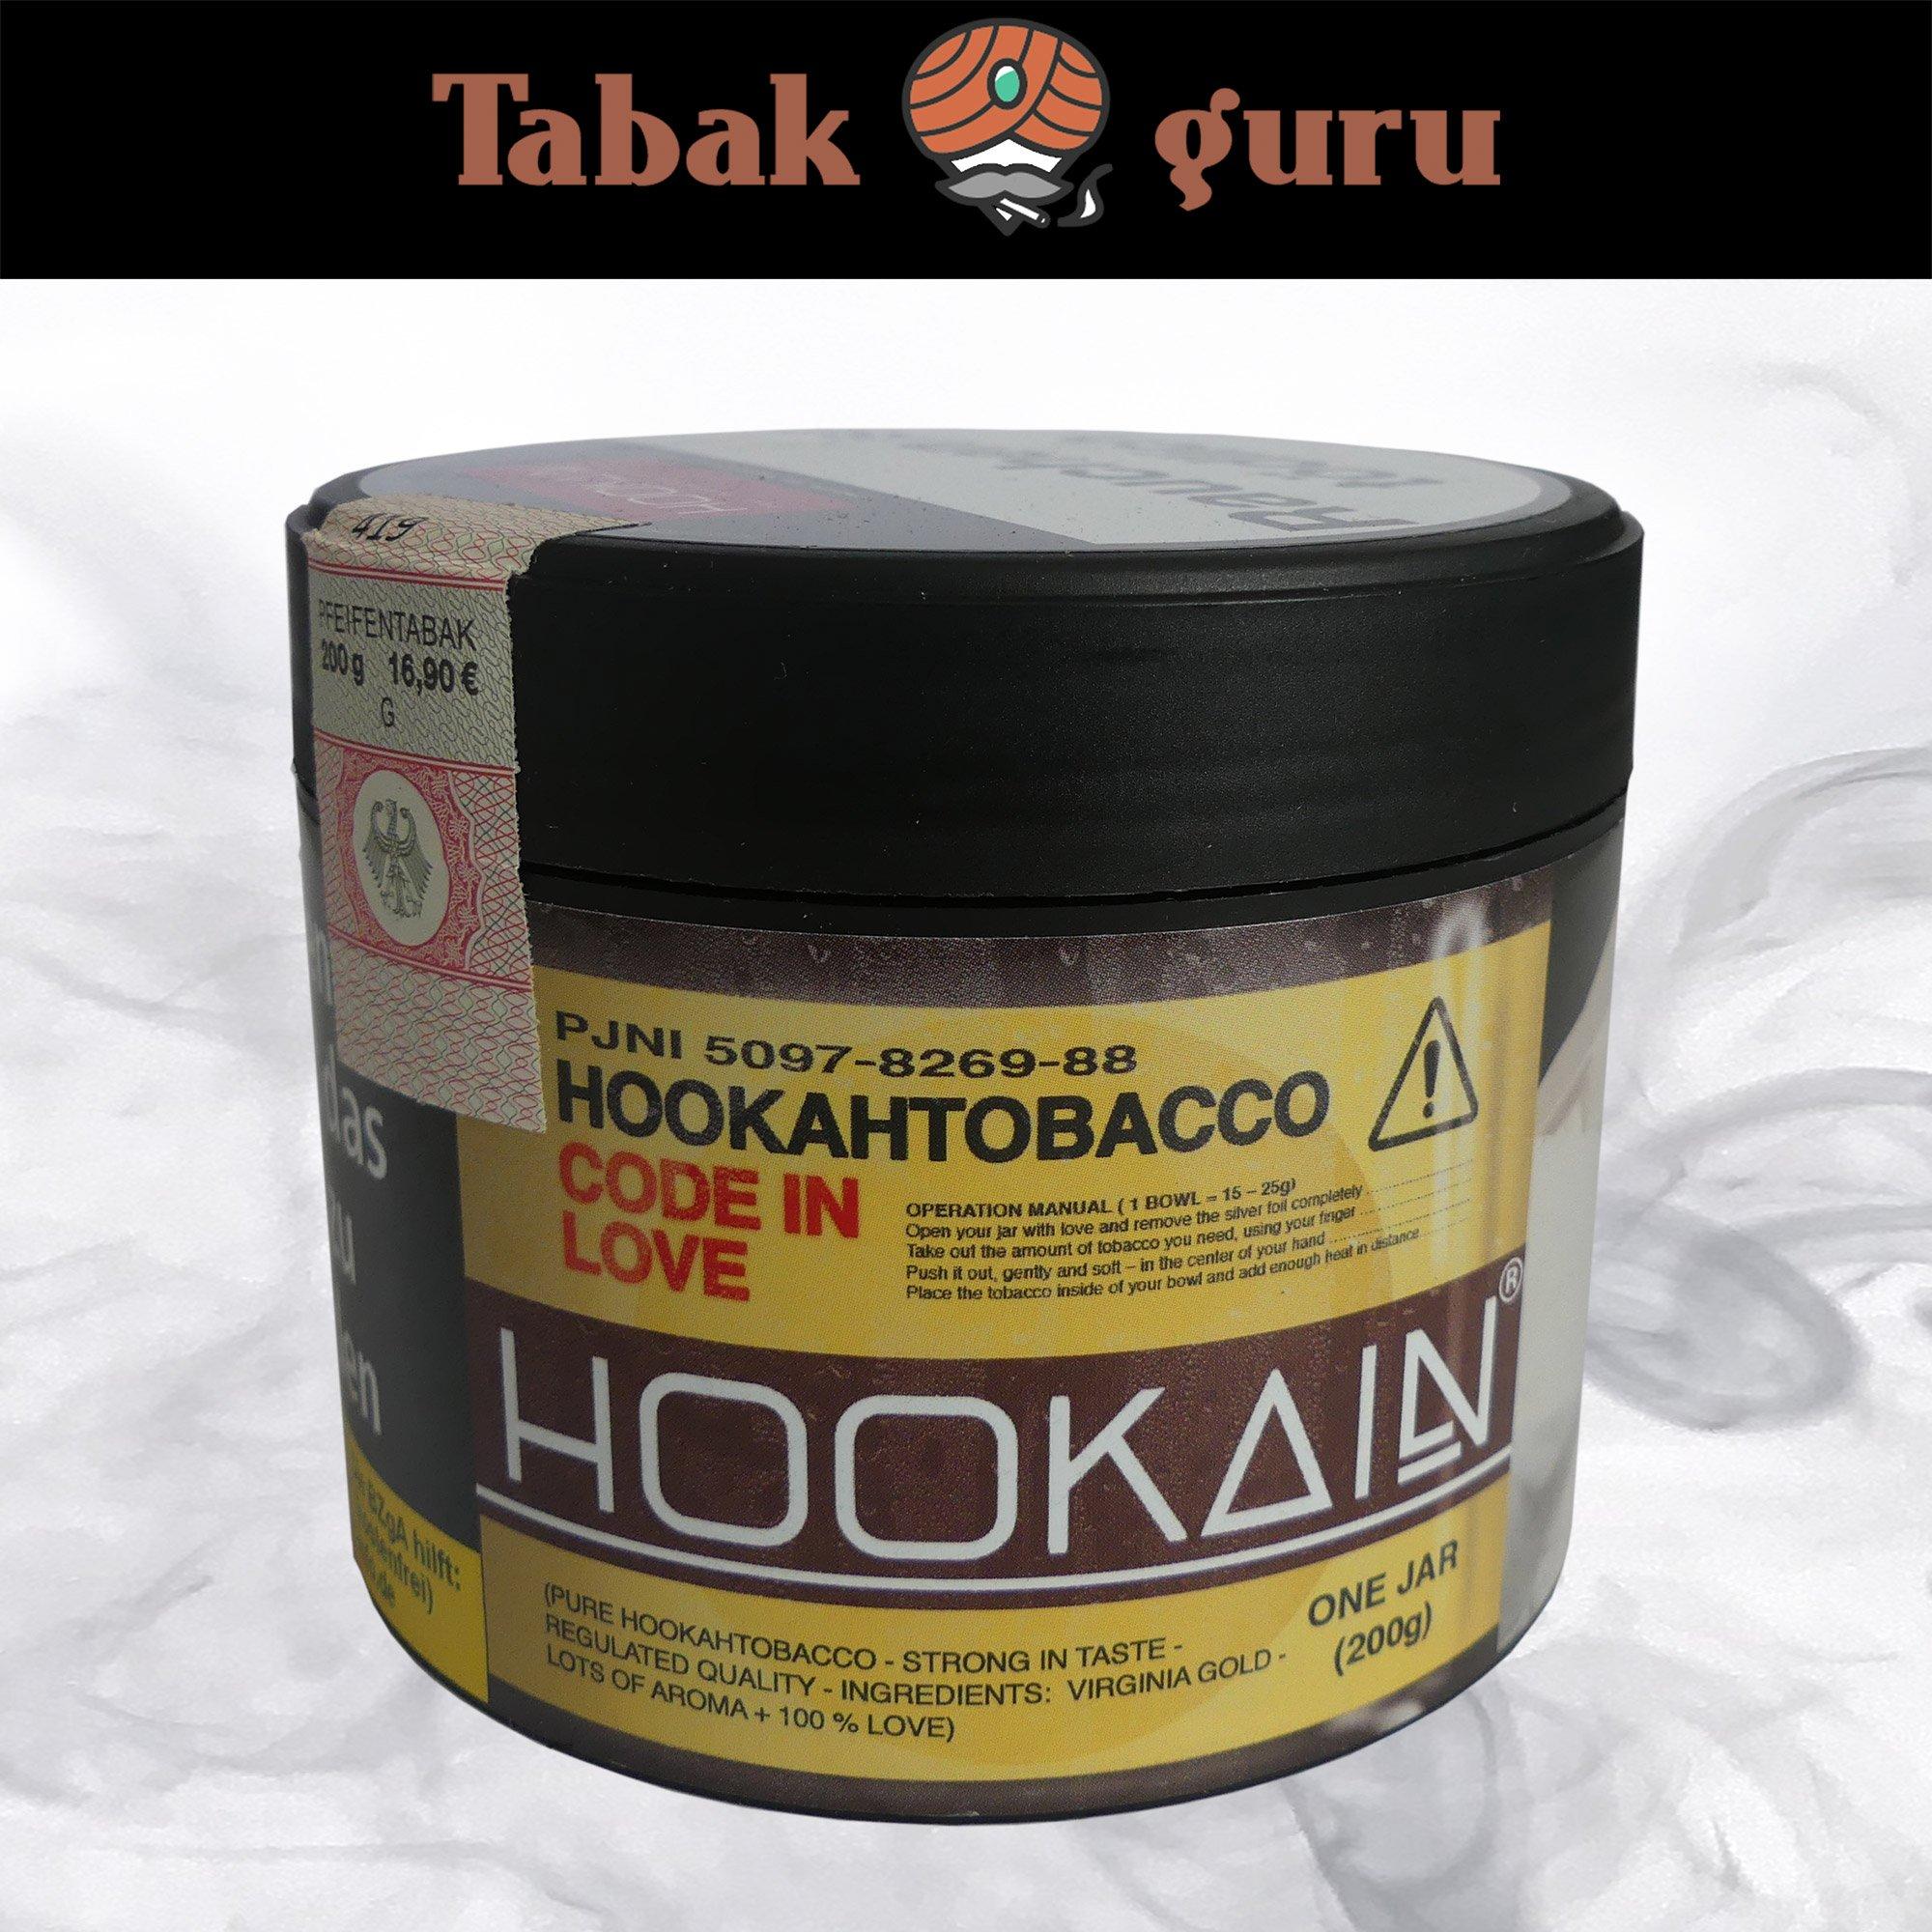 Hookain Code in Love 200g - Shisha Tabak